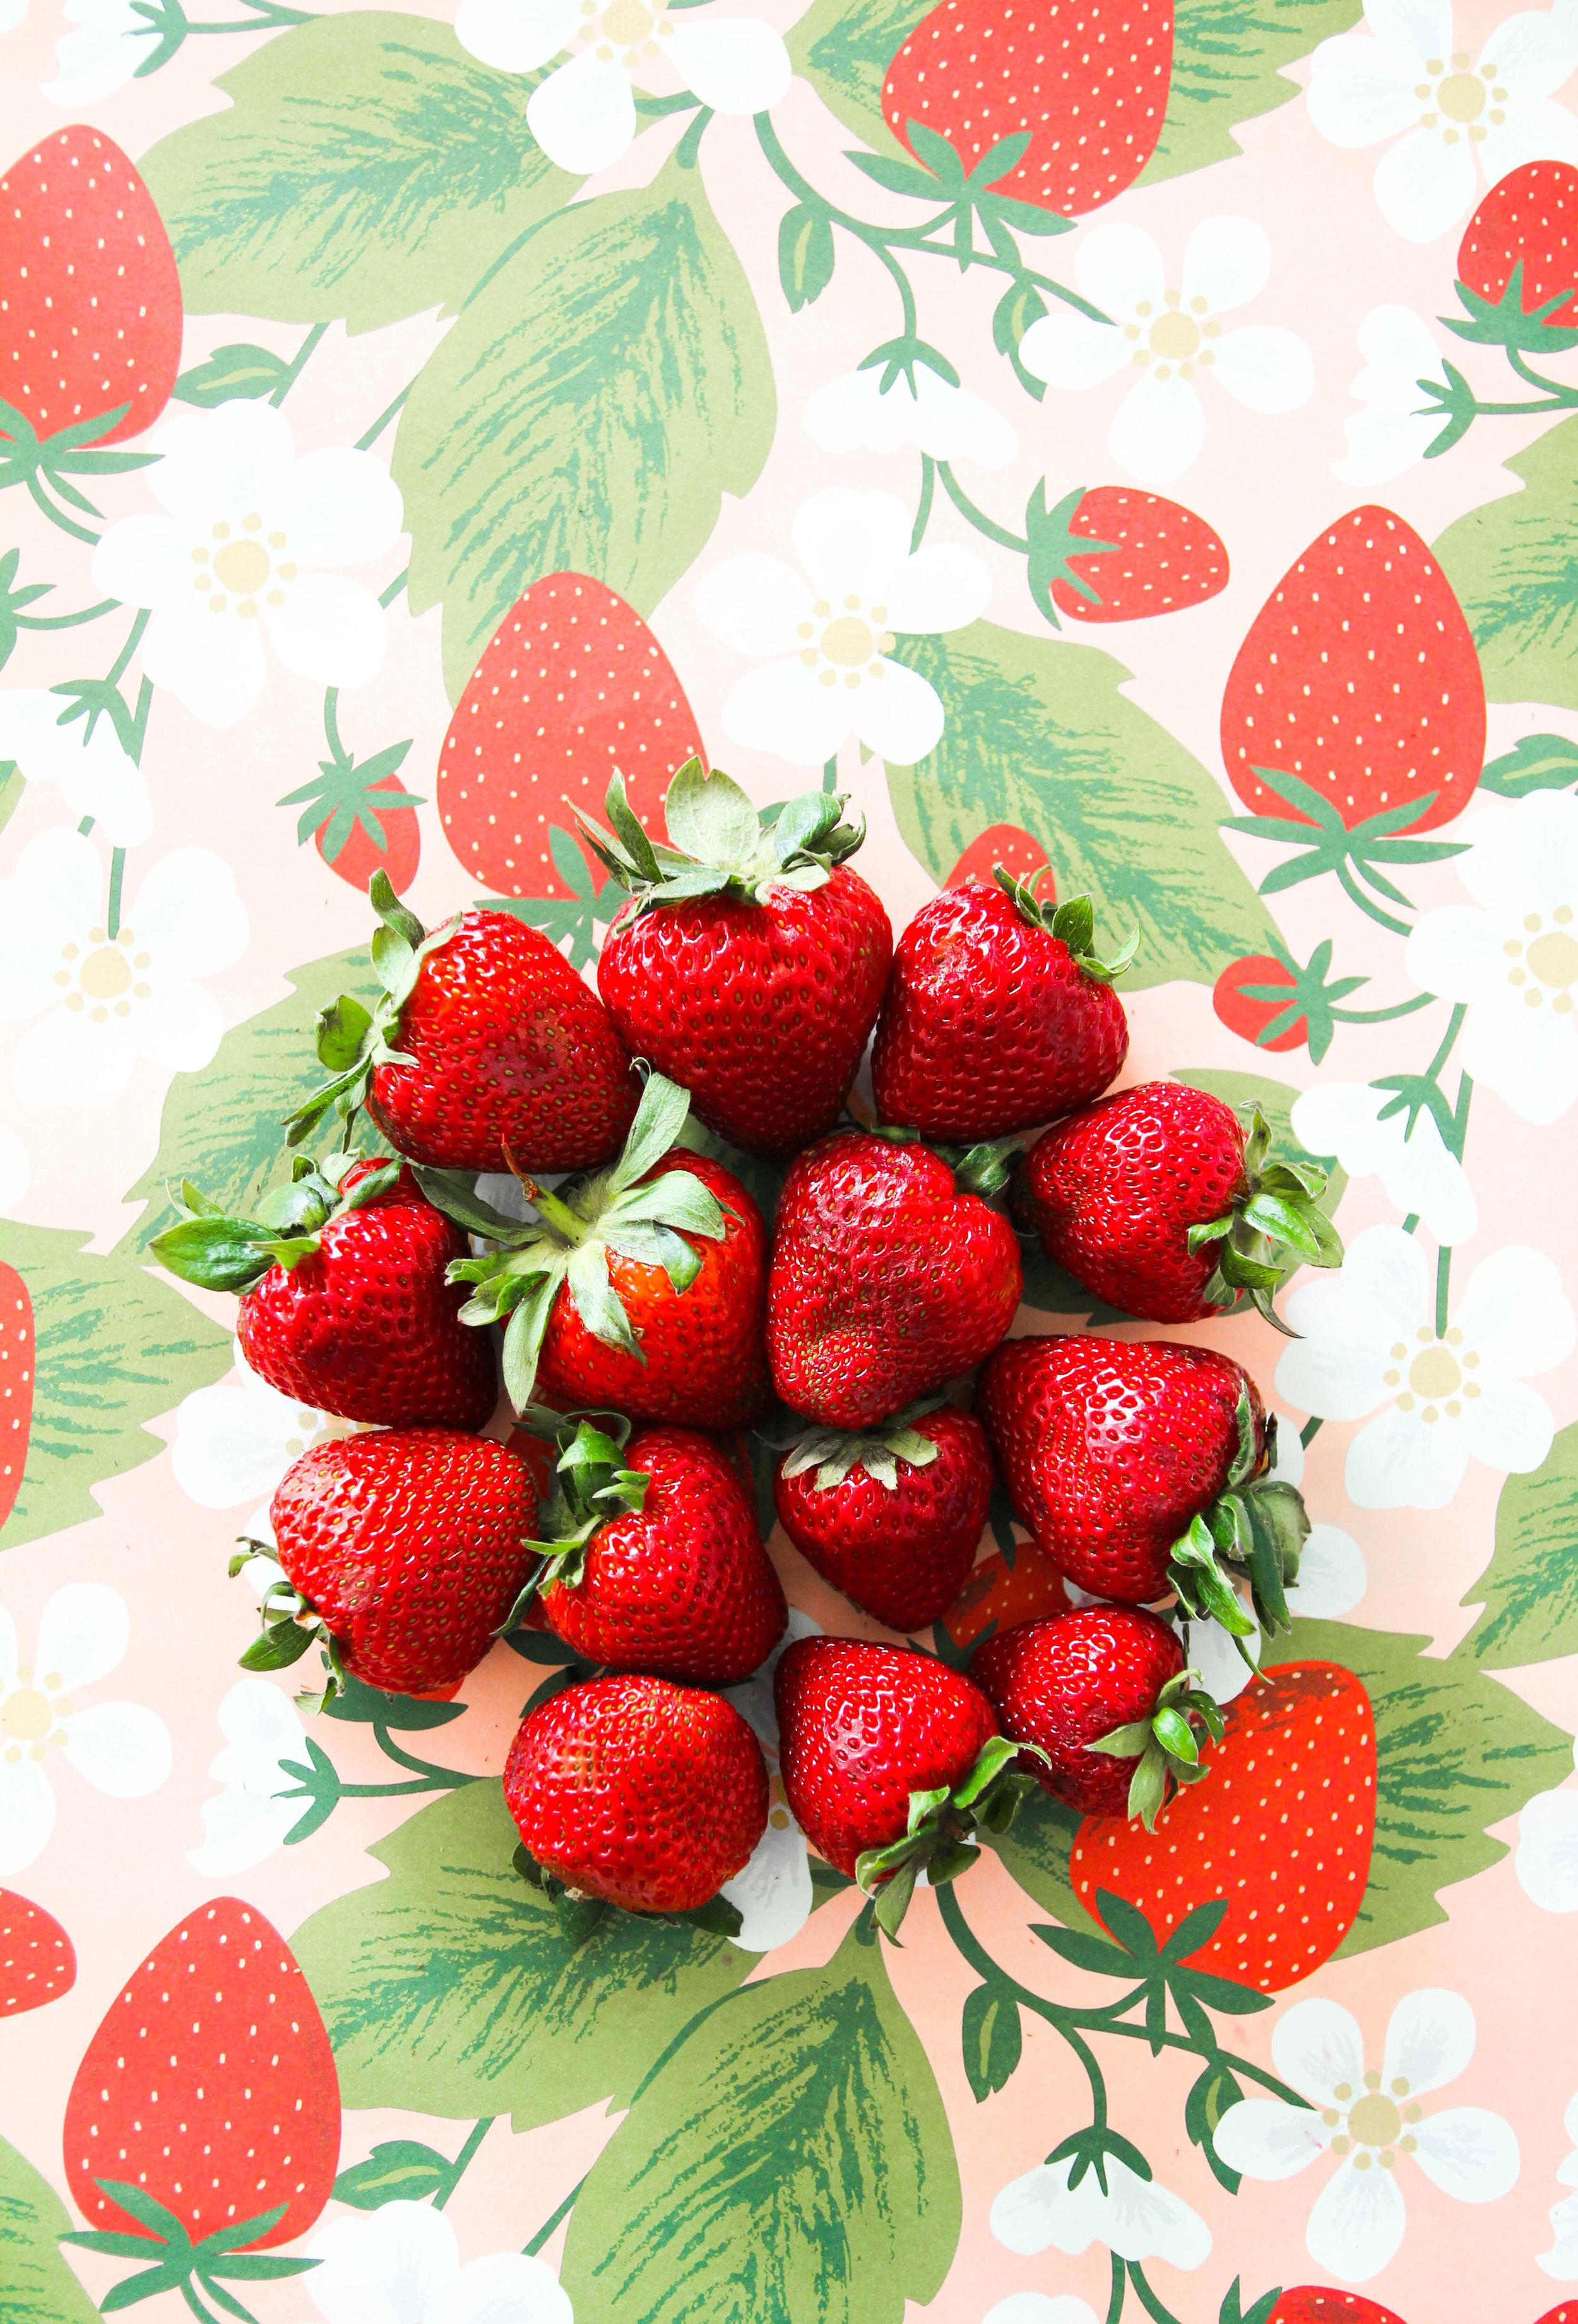 Market Fresh Fruit - the new way to buy produce — West Coast